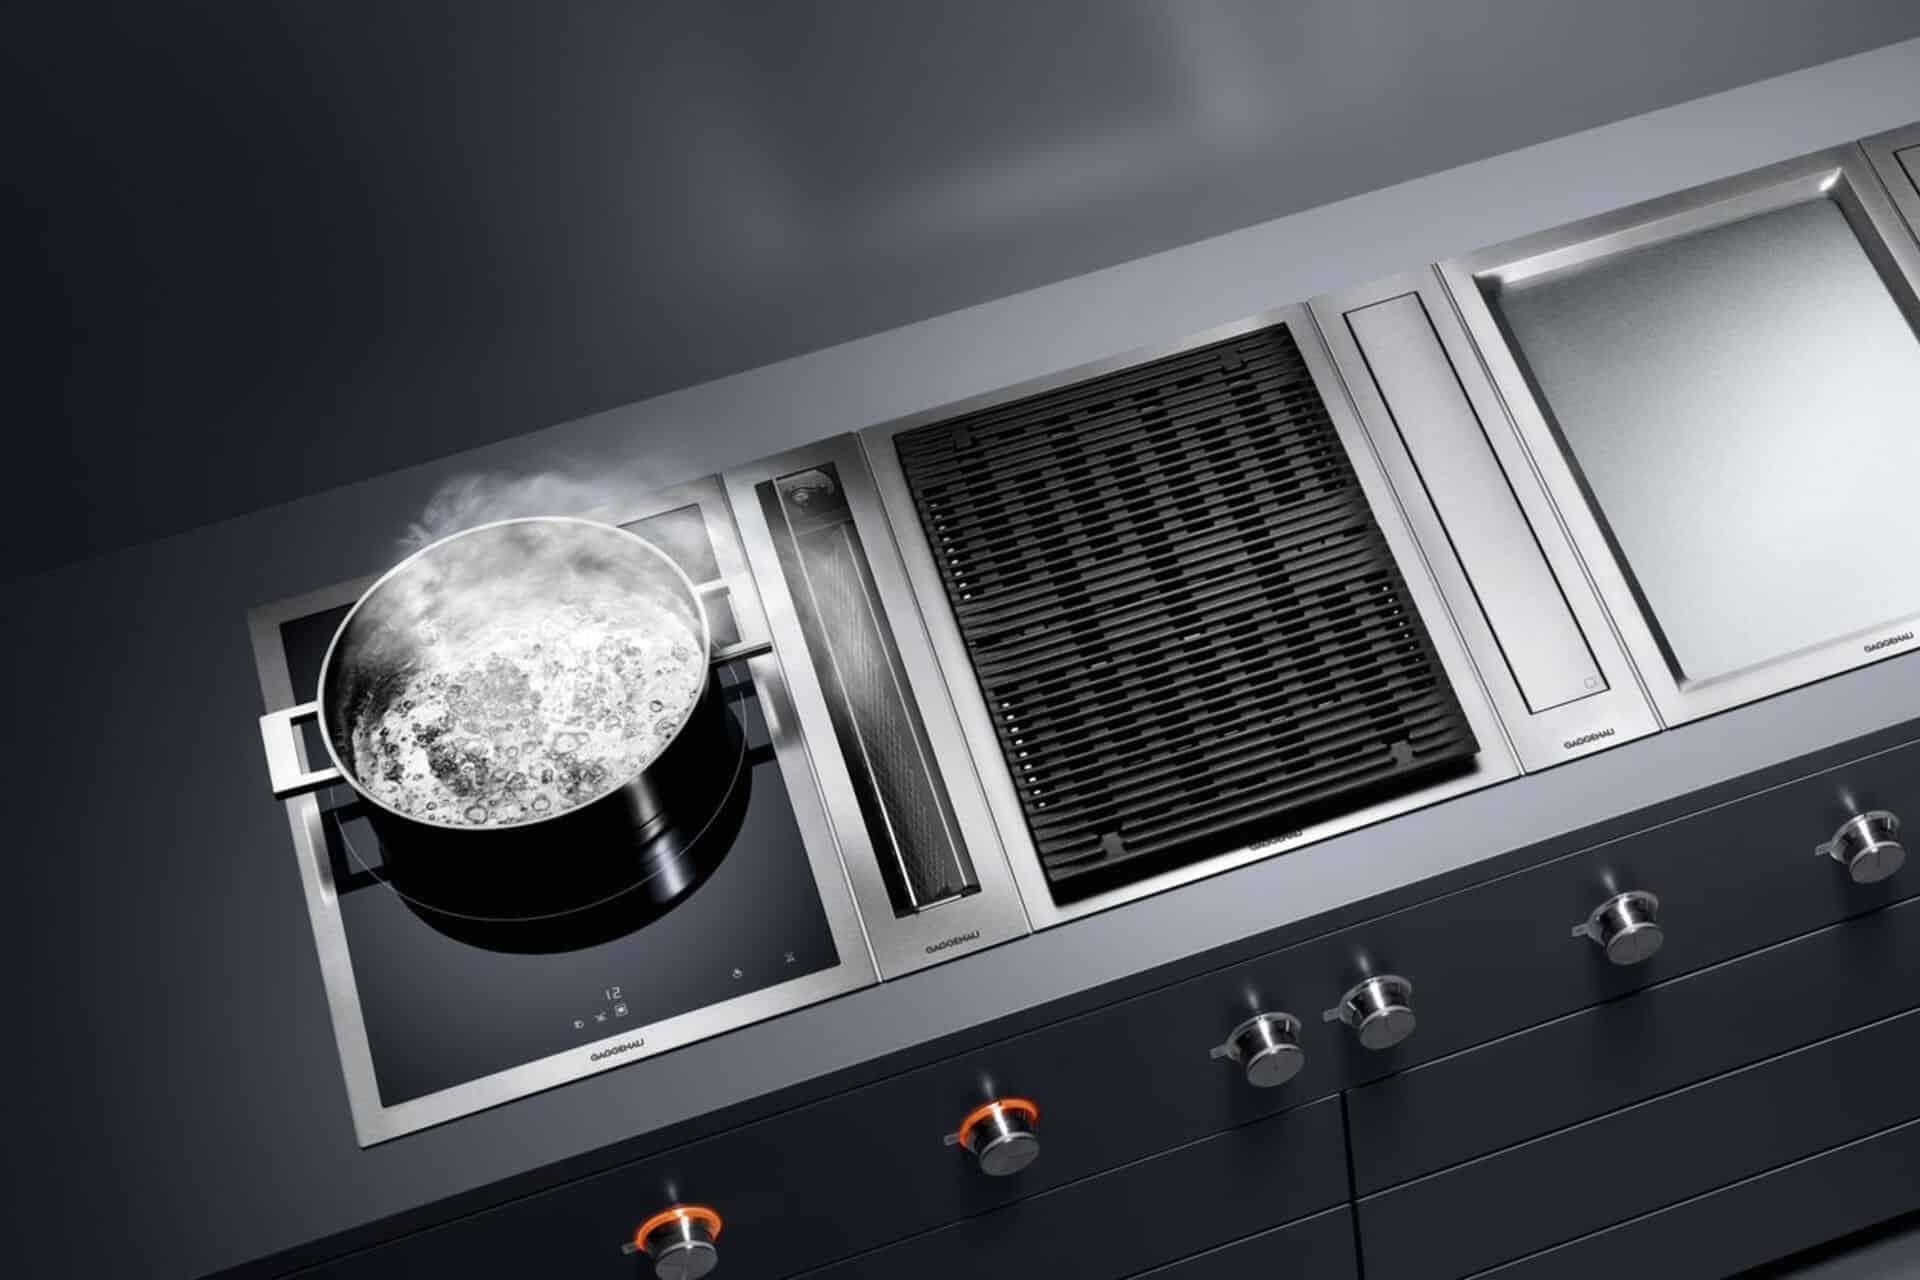 Gaggenau apparatuur in de keuken